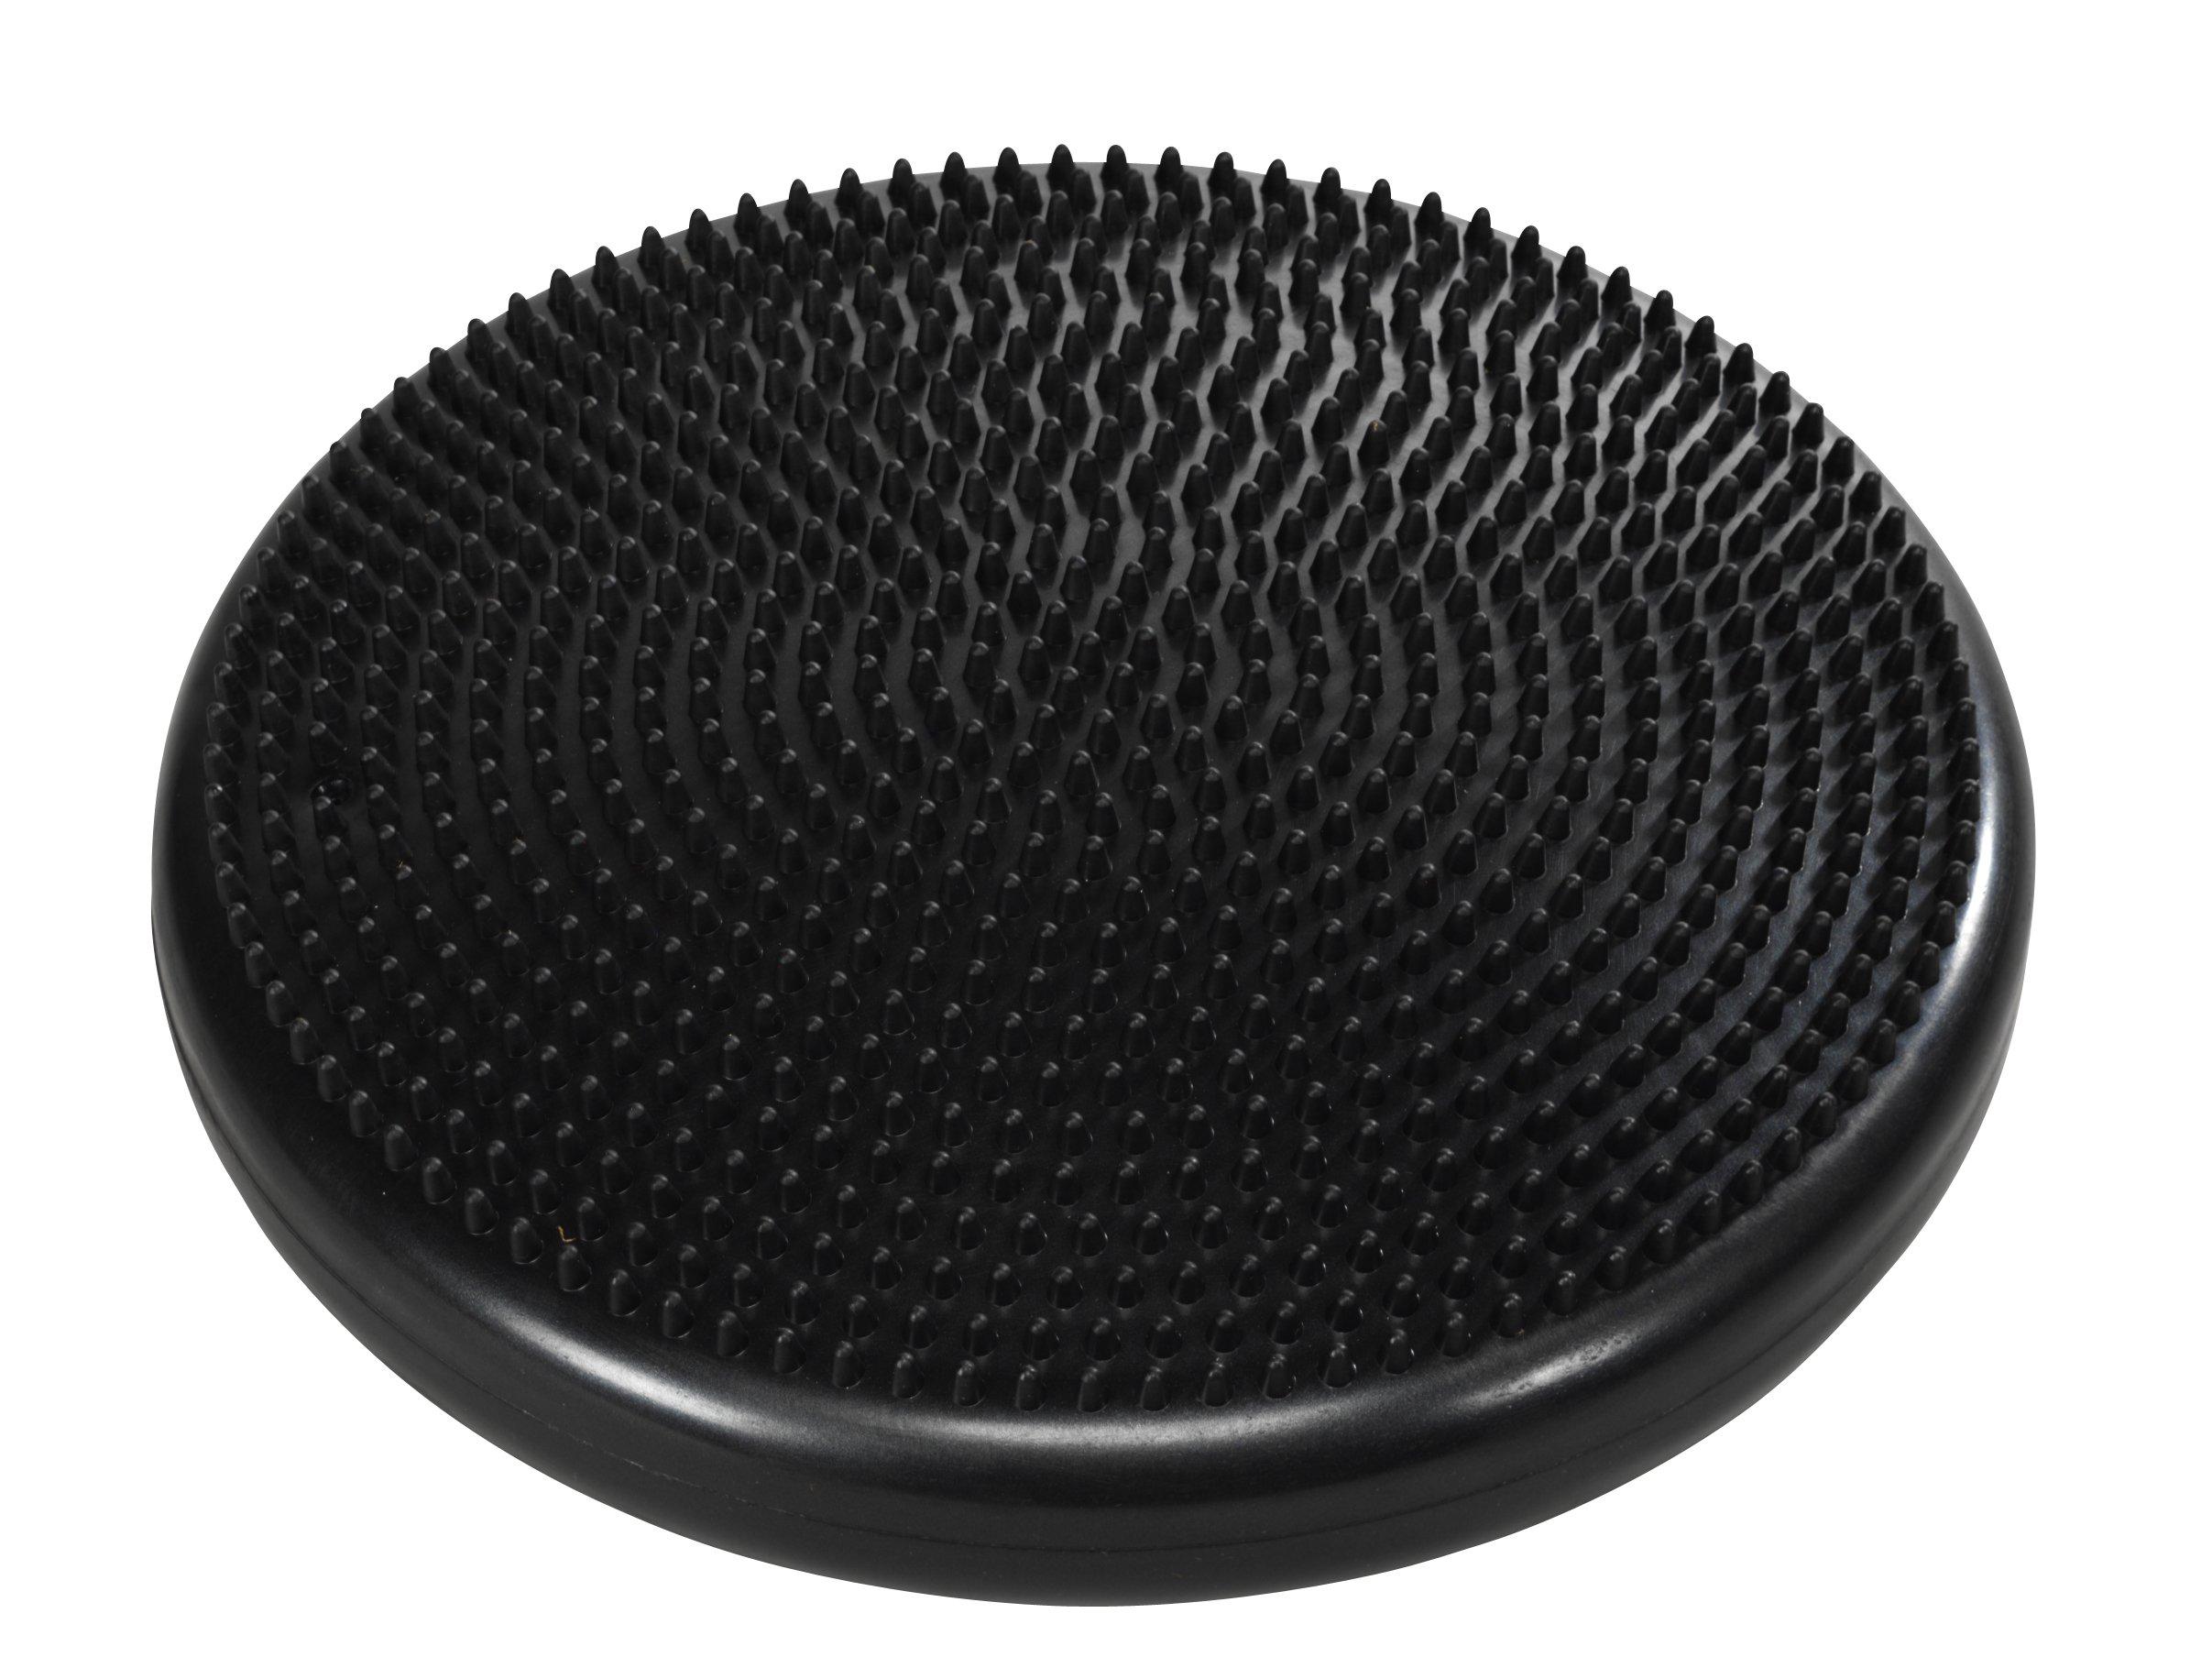 Balanční podložka Bamusta, 35cm, černá, Trendy Sport